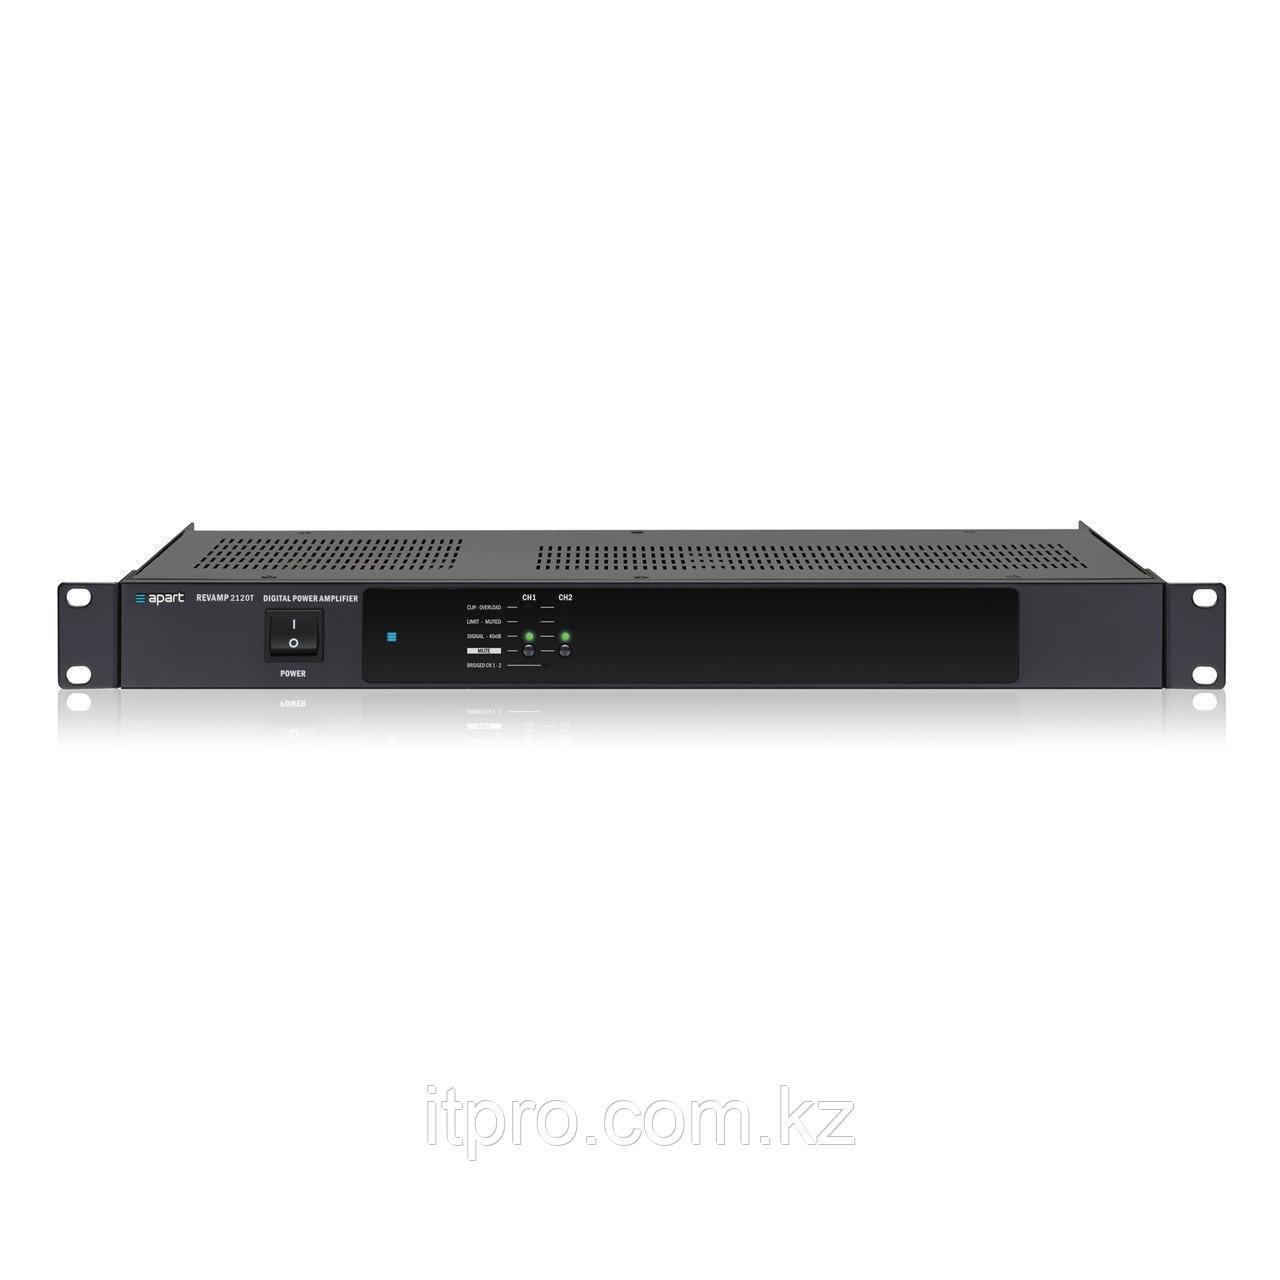 Трансляционный усилитель 2-х канальный Apart REVAMP2120T